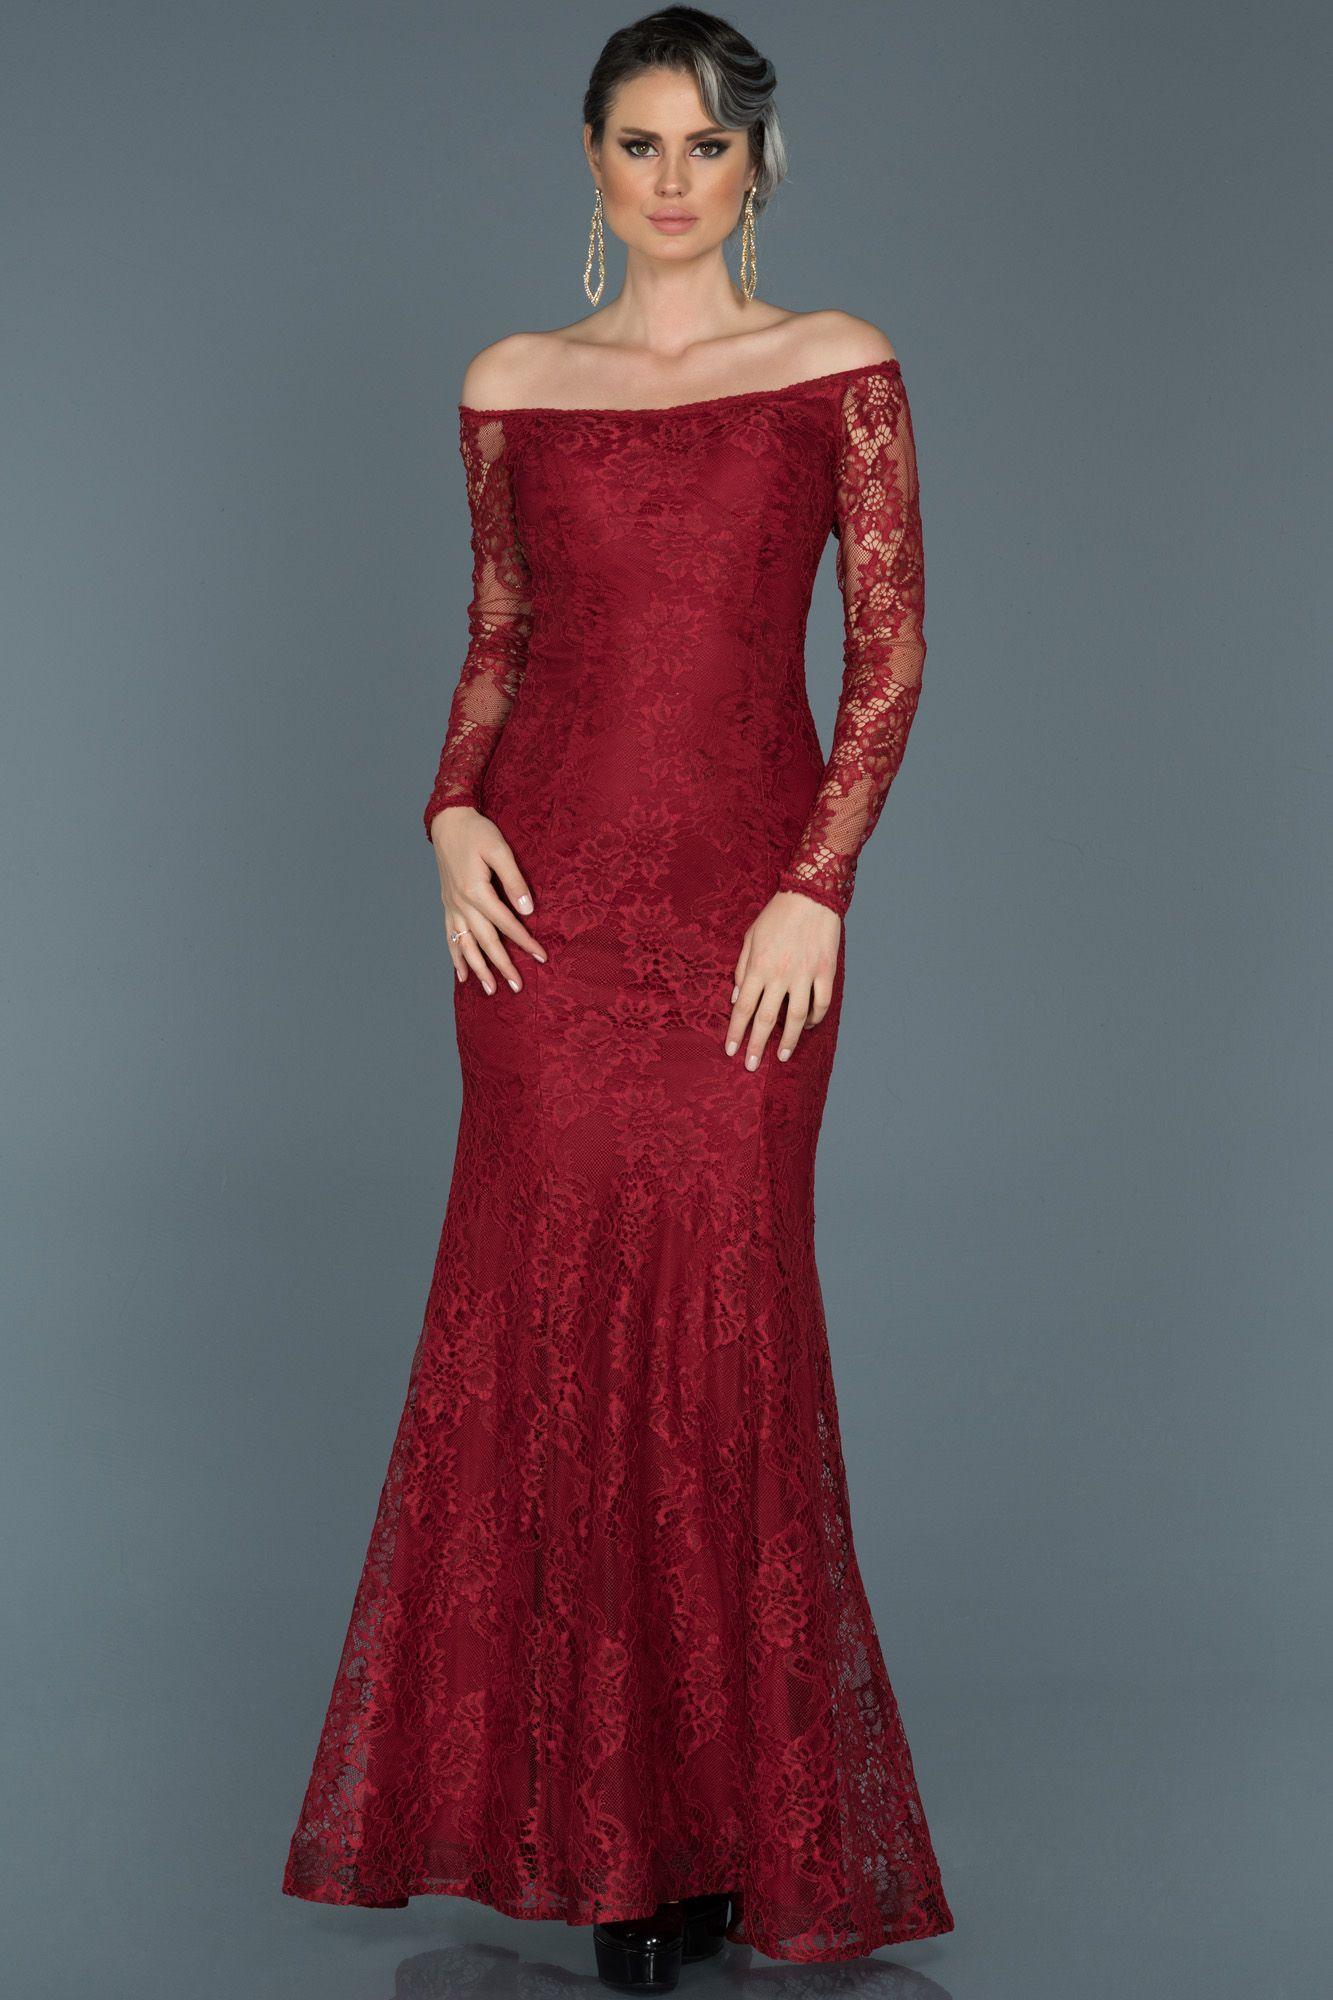 Bordo Uzun Kollu Dantelli Balik Abiye Abu011 2020 Elbise Modelleri Elbise Moda Stilleri